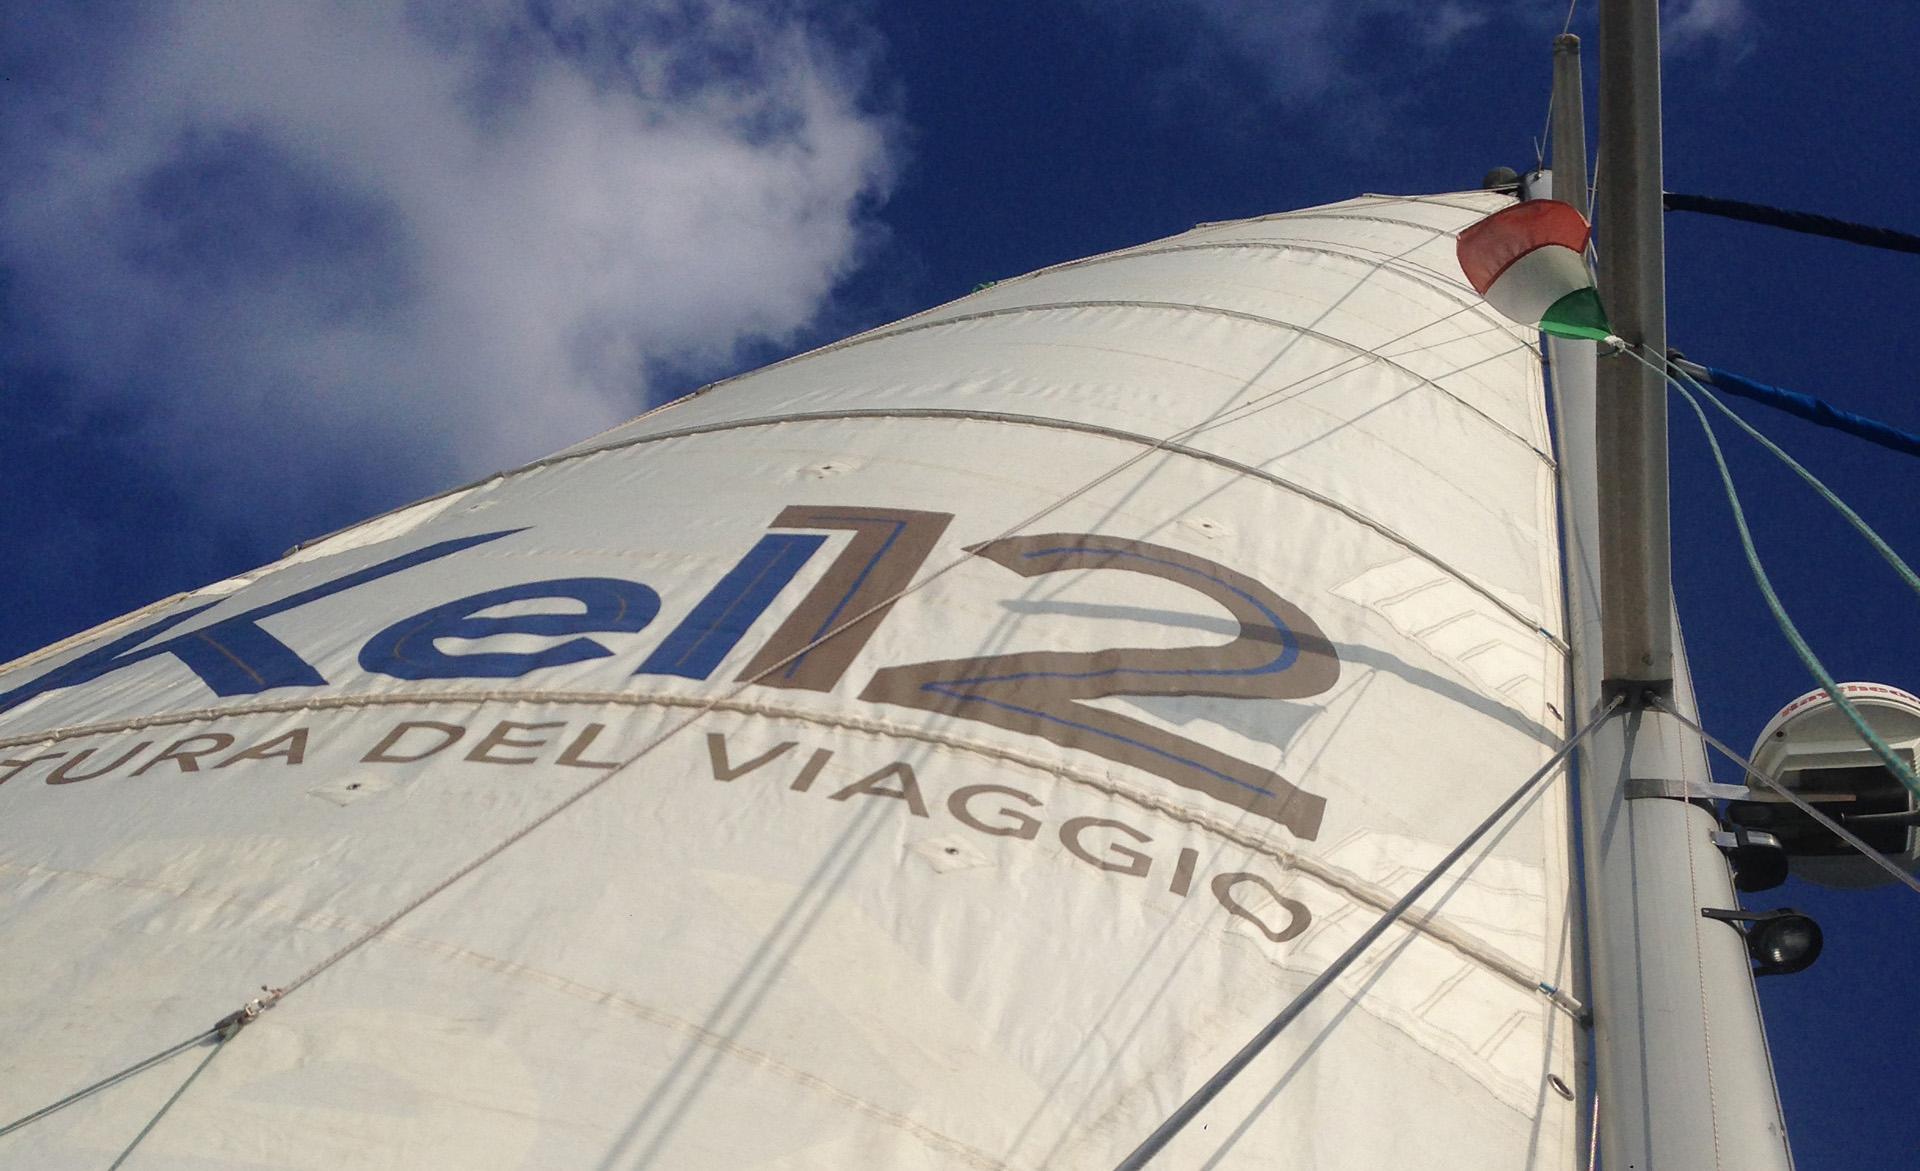 Vacanze in barca a vela in Italia, crociere in barca a vela in mediterraneo liguria e oltre